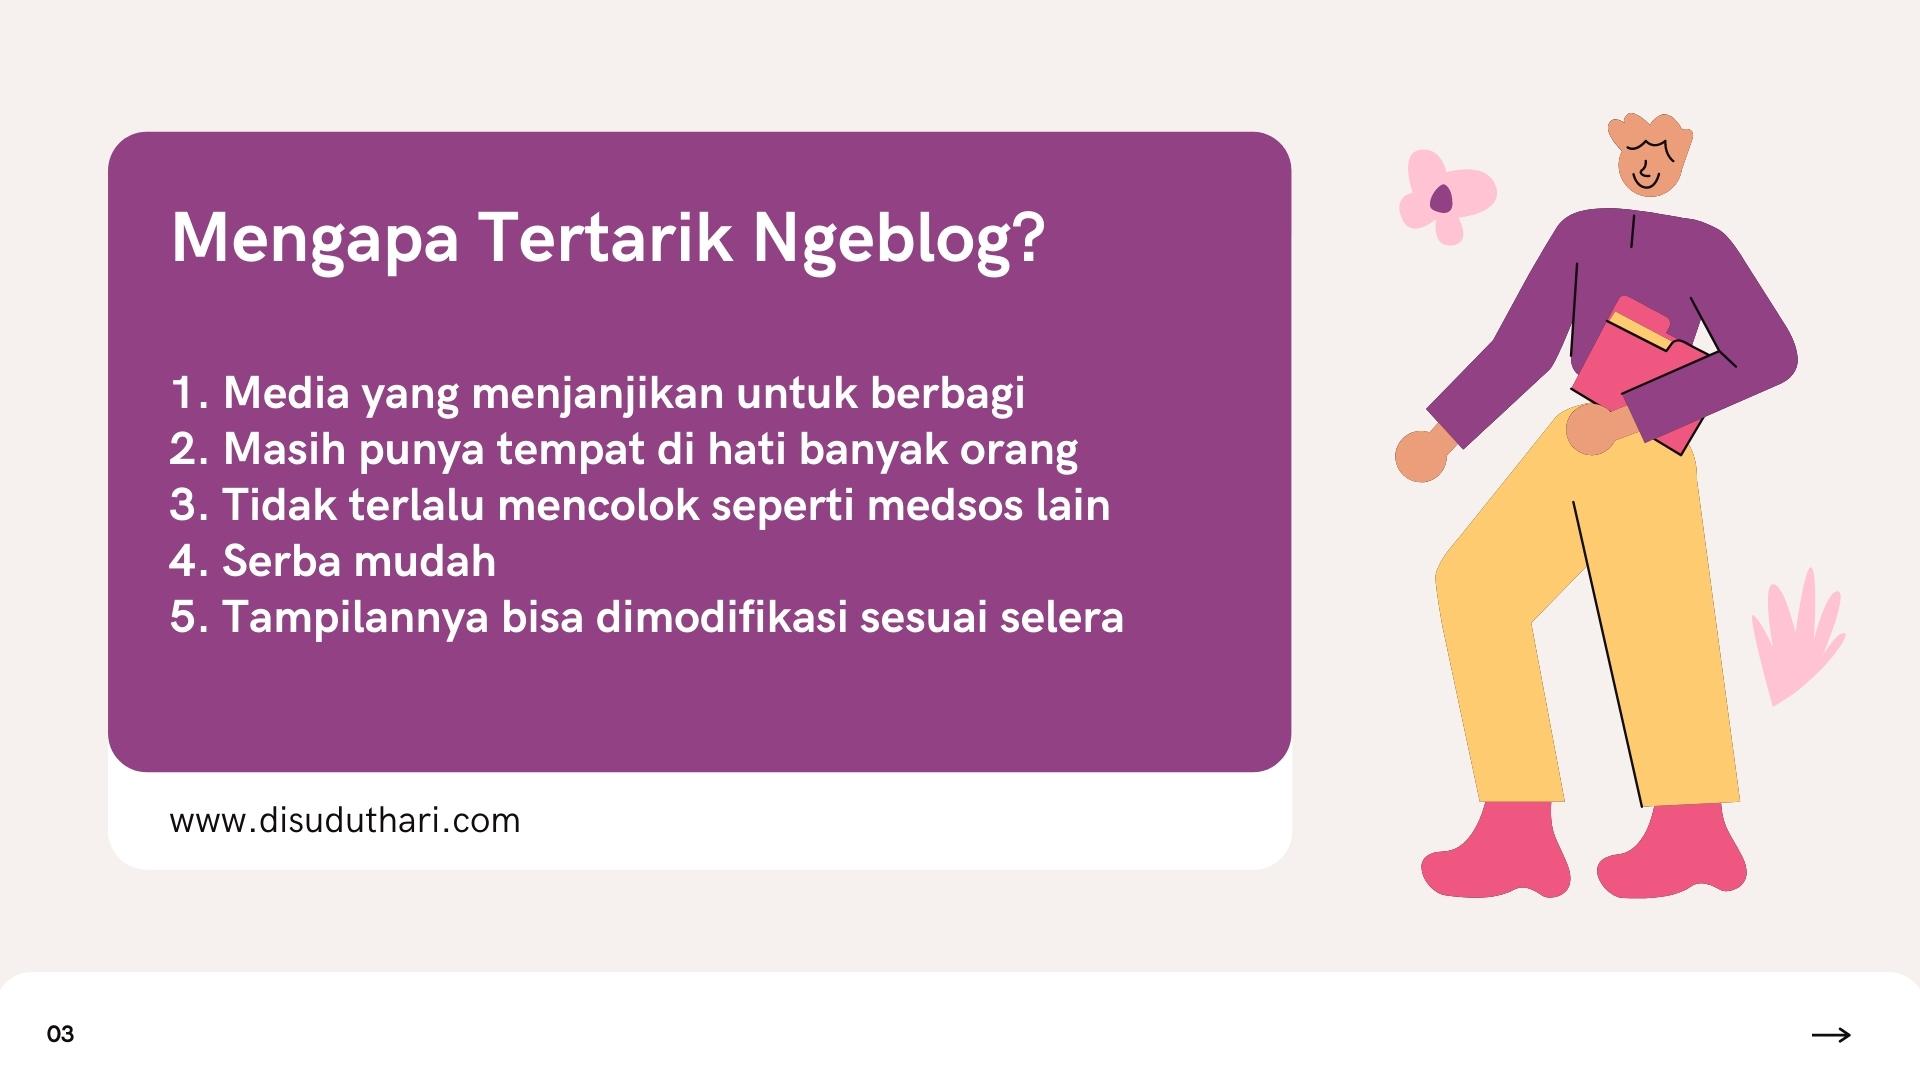 Mengapa tertarik ngeblog